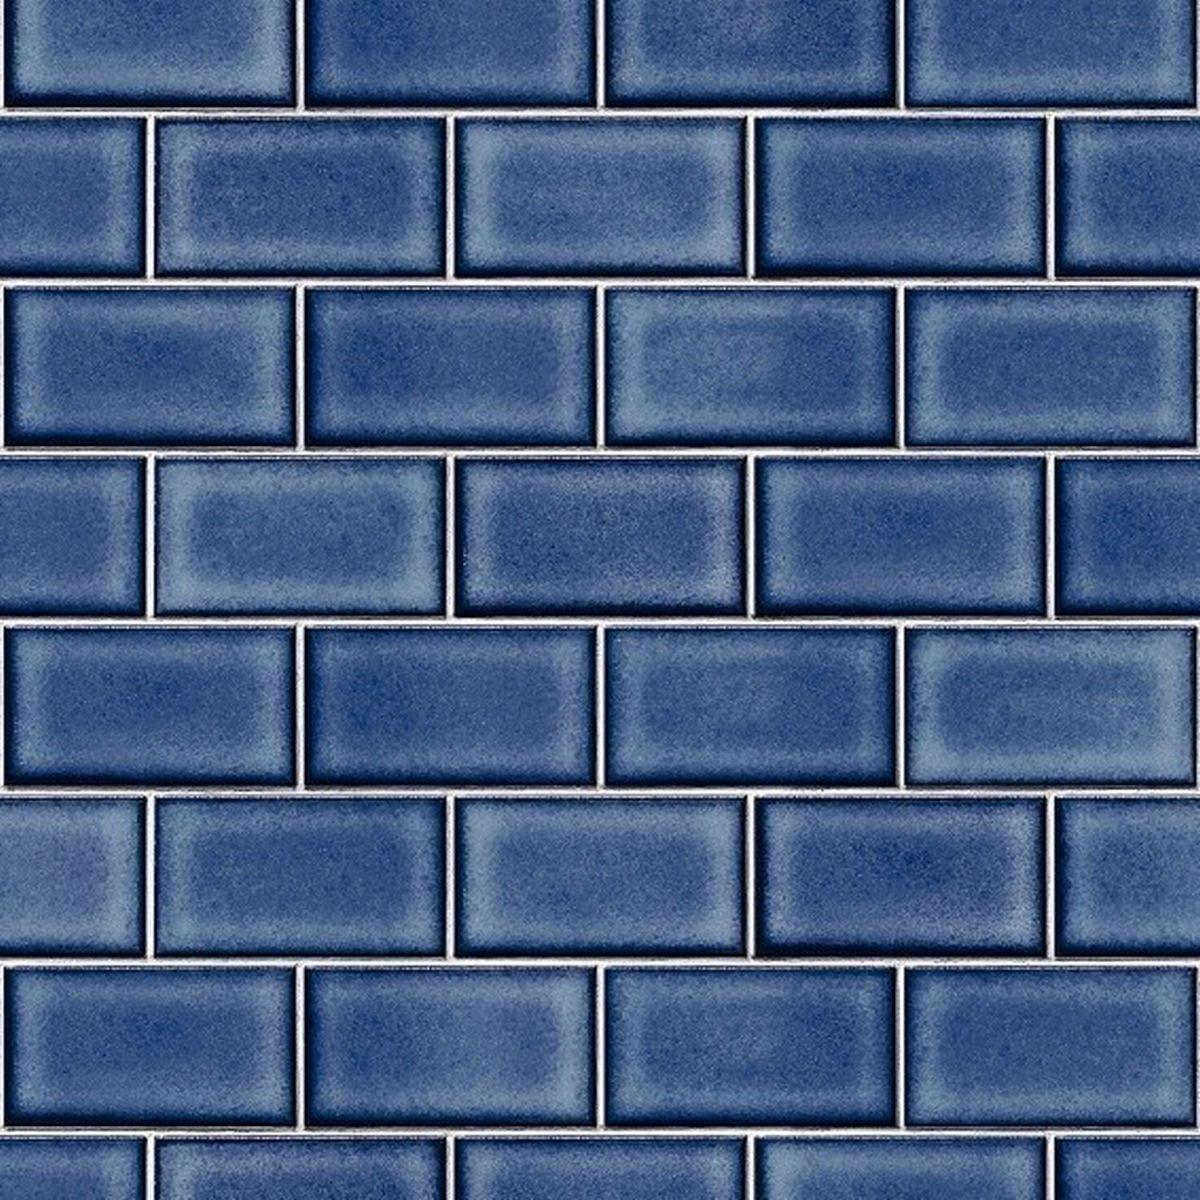 DesignID Vliestapete Qualitätsvolle Tapete BA220107 Blau Steintapete